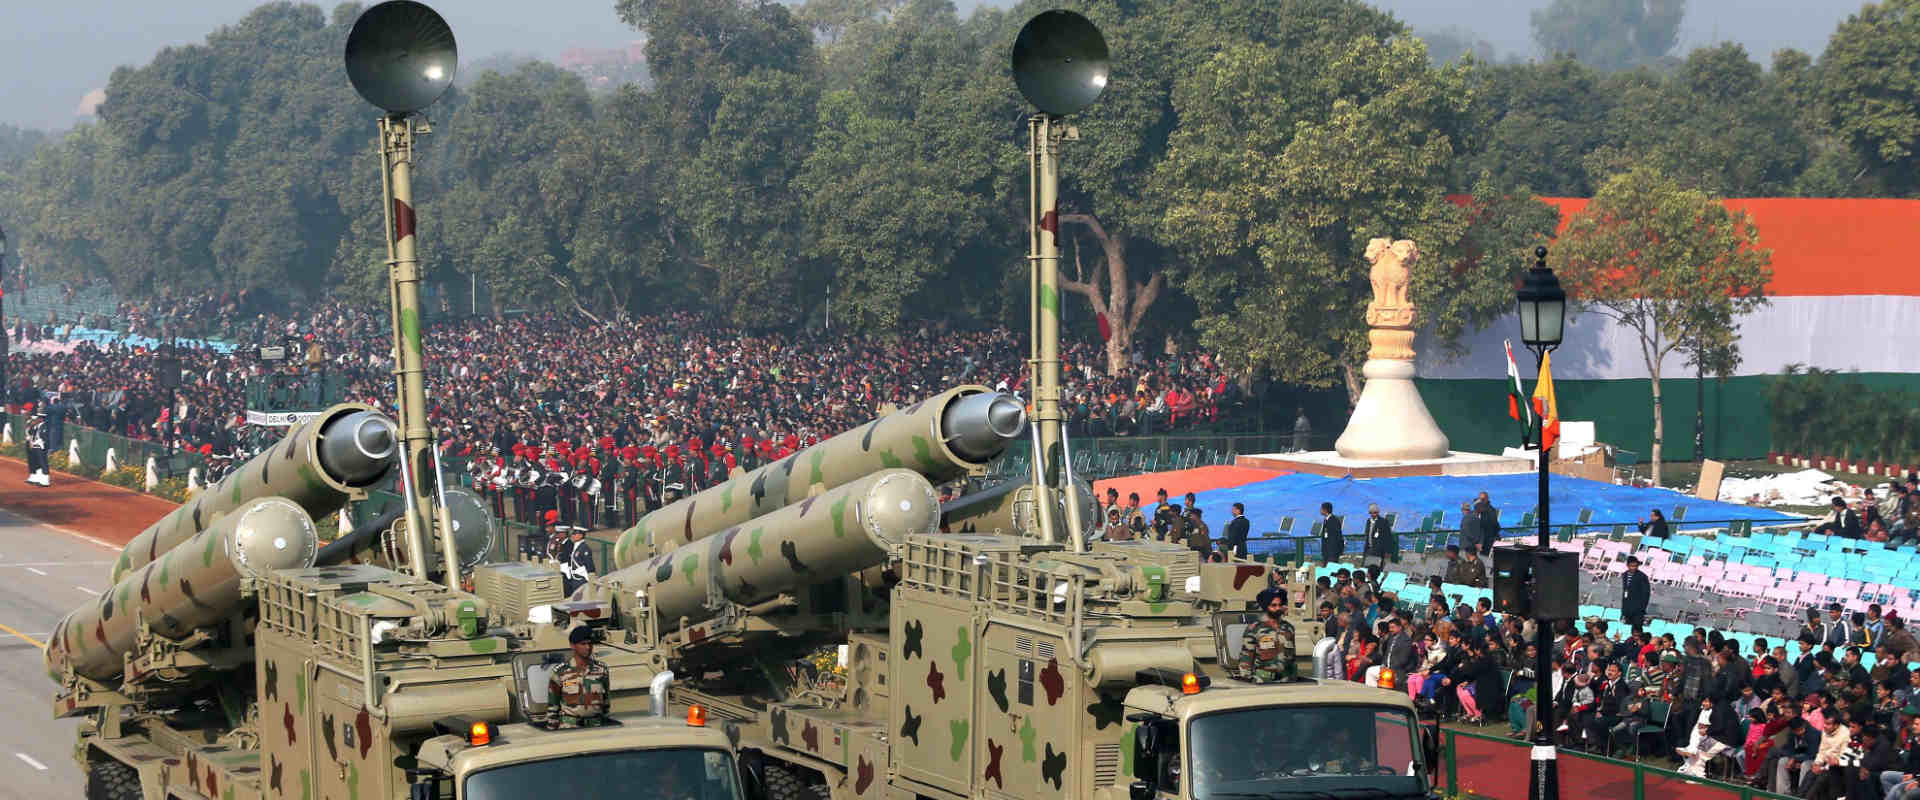 מערכת טילים של צבא הודו